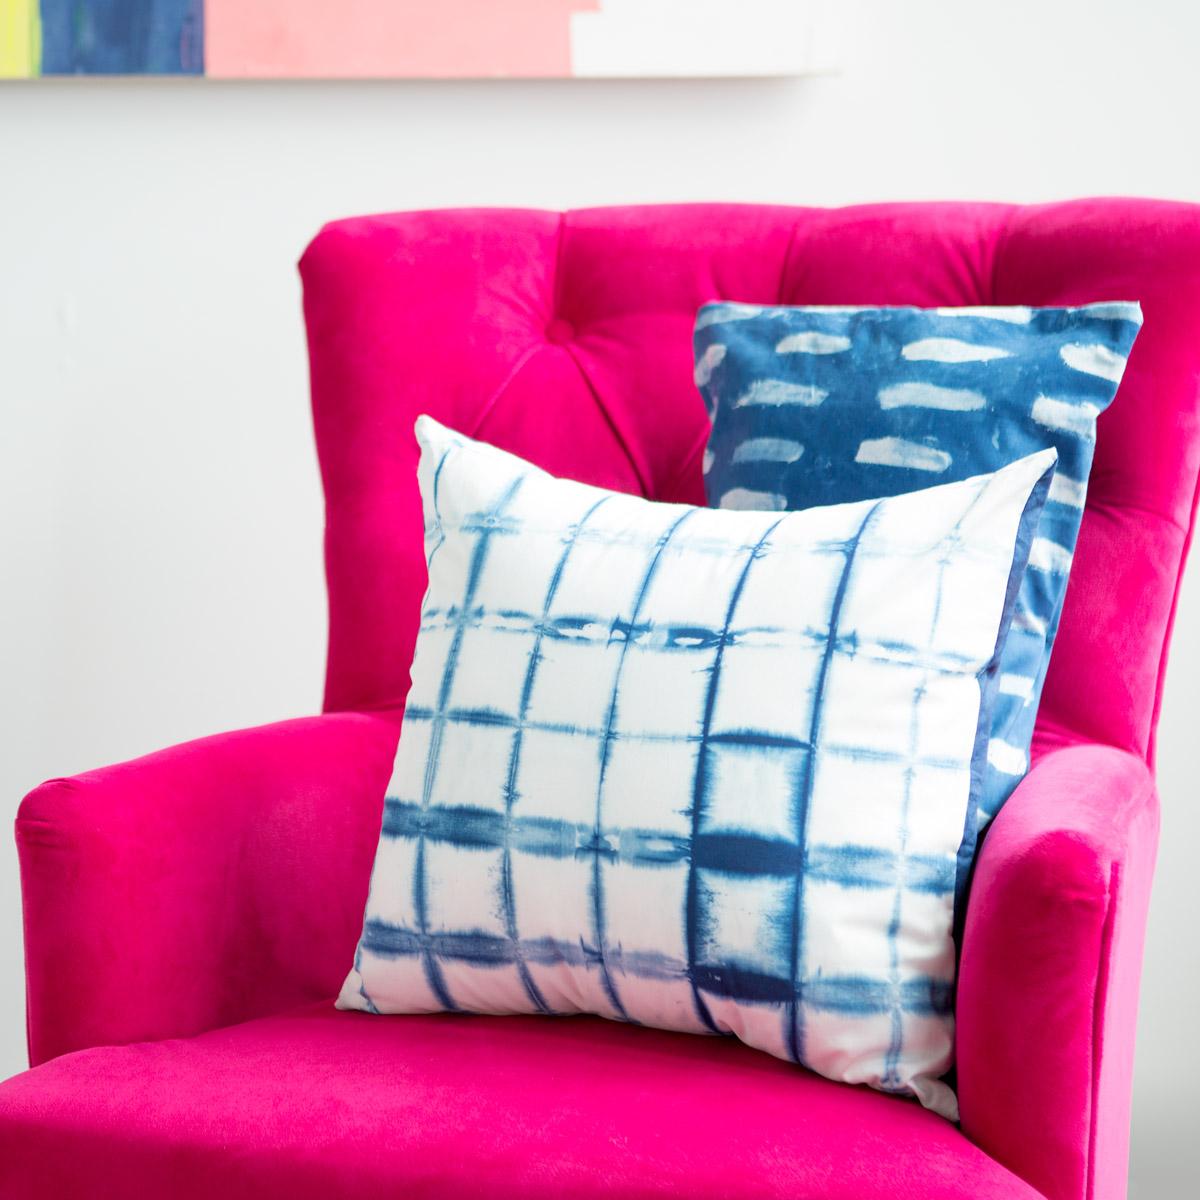 Make Indigo Dyed Pillows